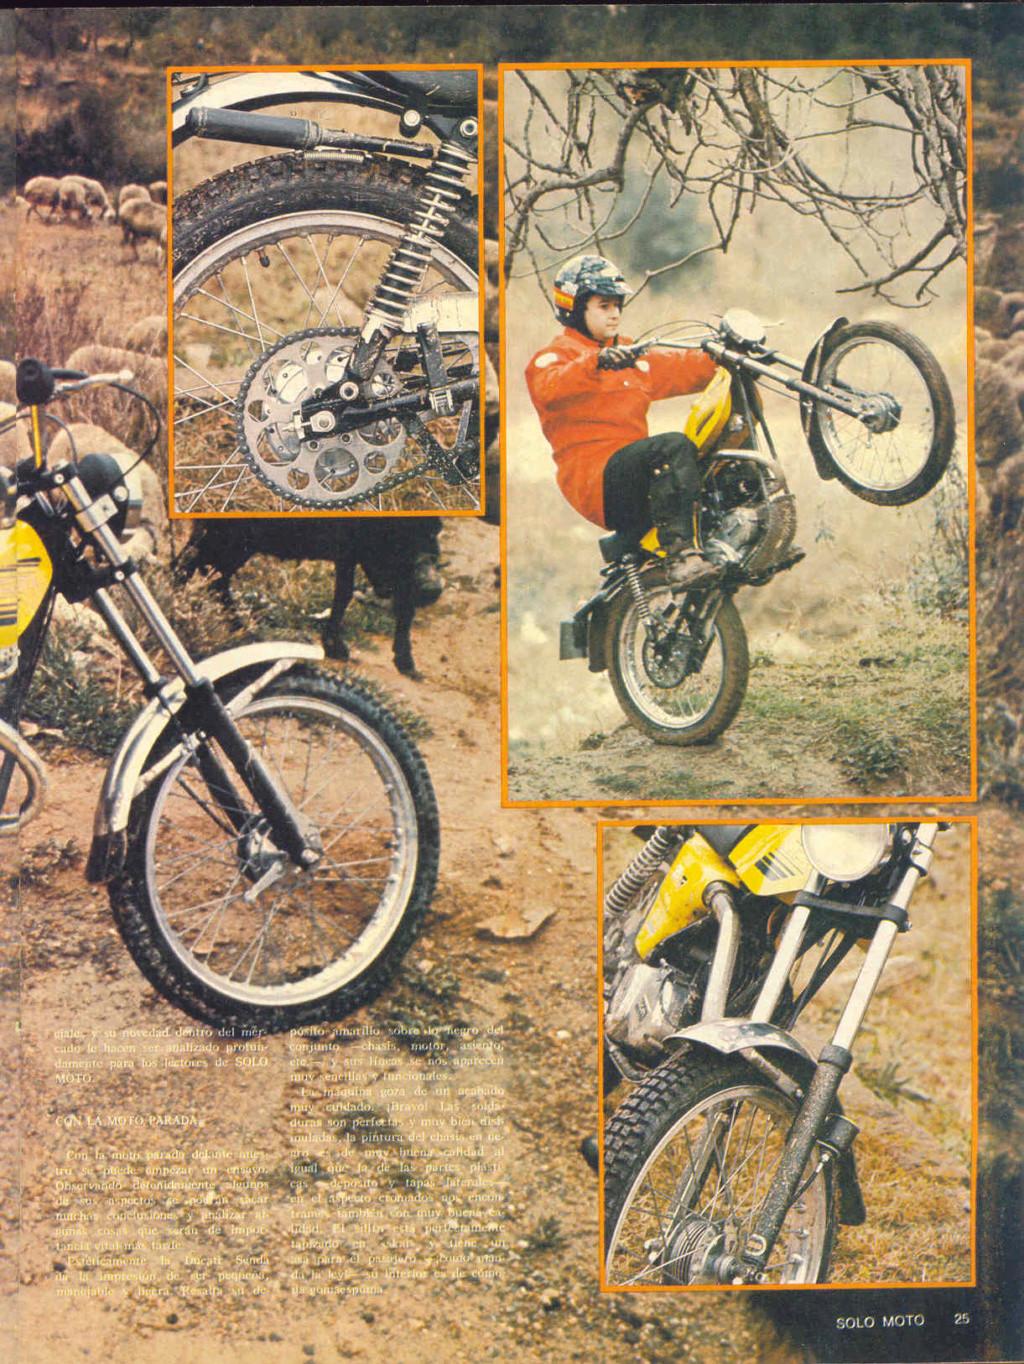 Ducati Senda en espera 0210